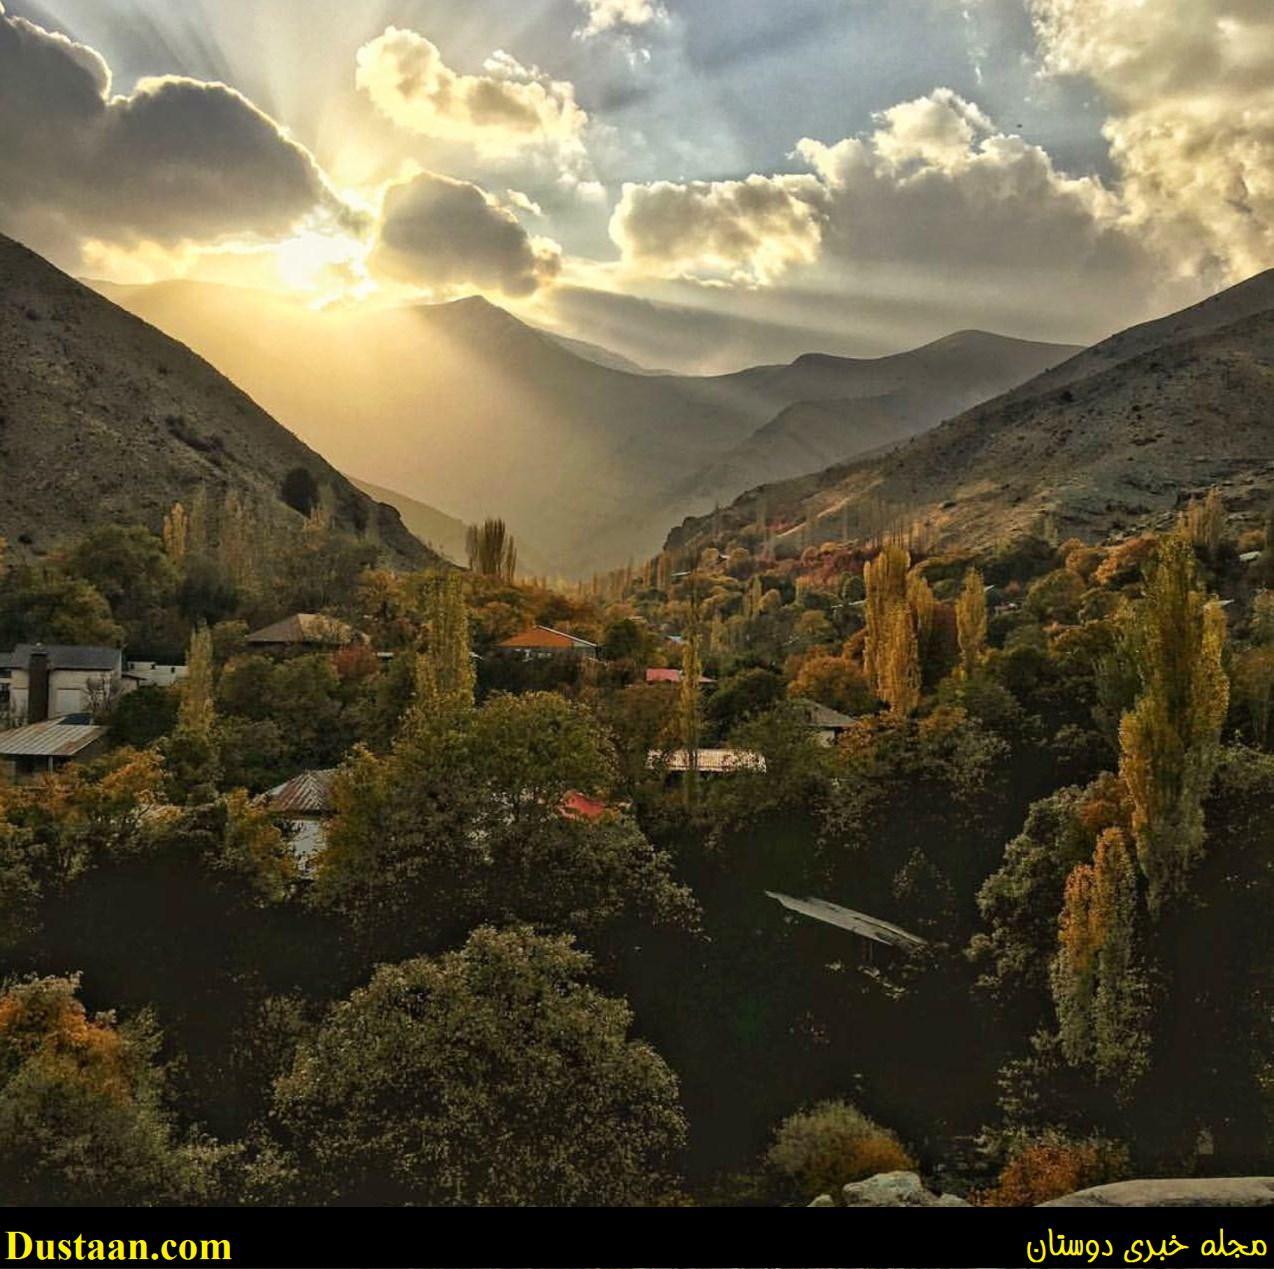 www.dustaan.com تصویری بسیار زیبا از طلوع خورشید در شمیران تهران